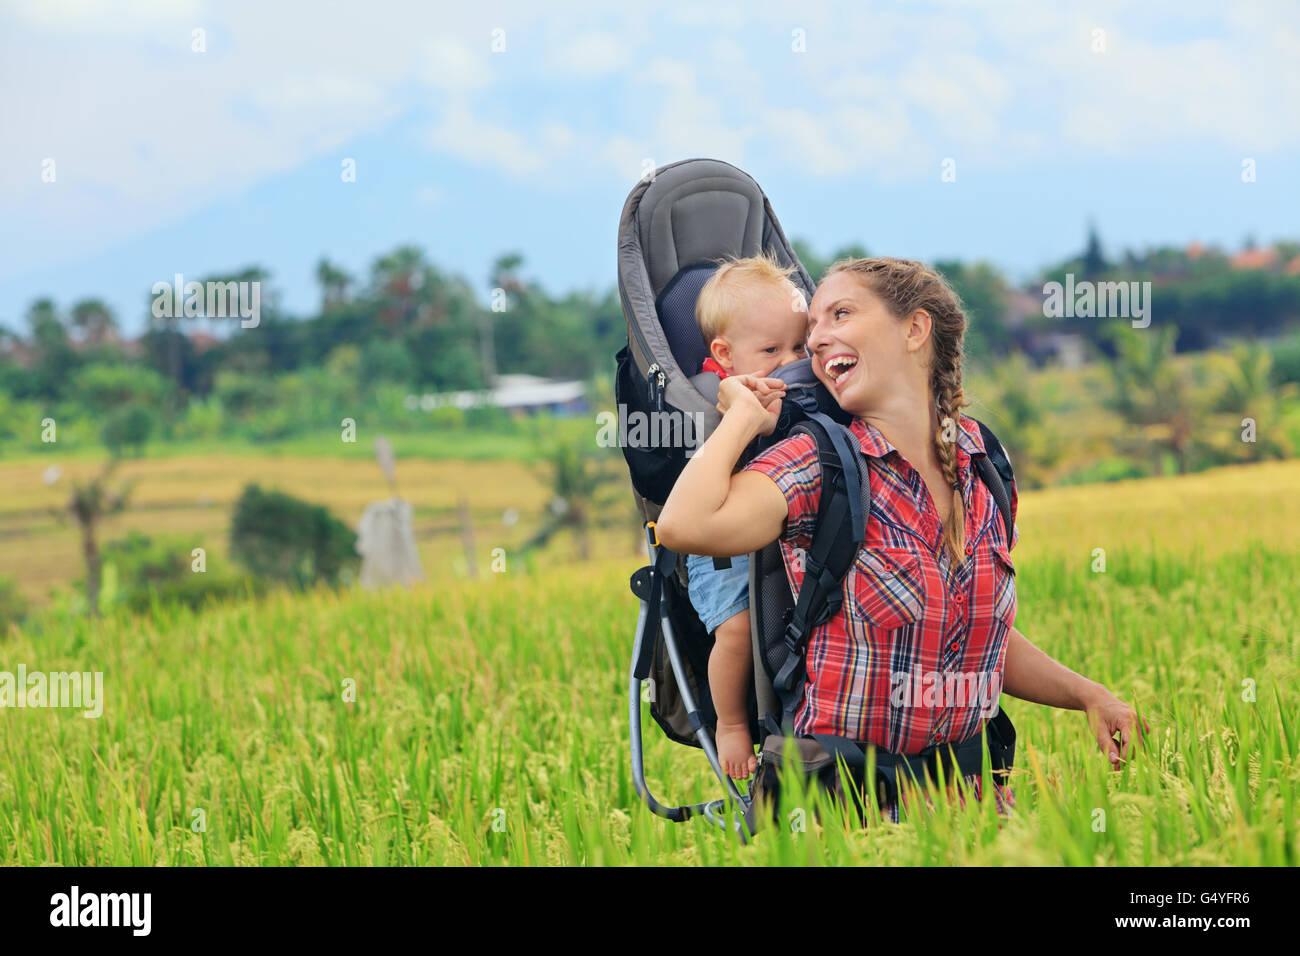 La natura a piedi in verdi risaie a terrazza campo. Felice madre tenere piccolo viaggiatore nel portare uno zaino. Immagini Stock